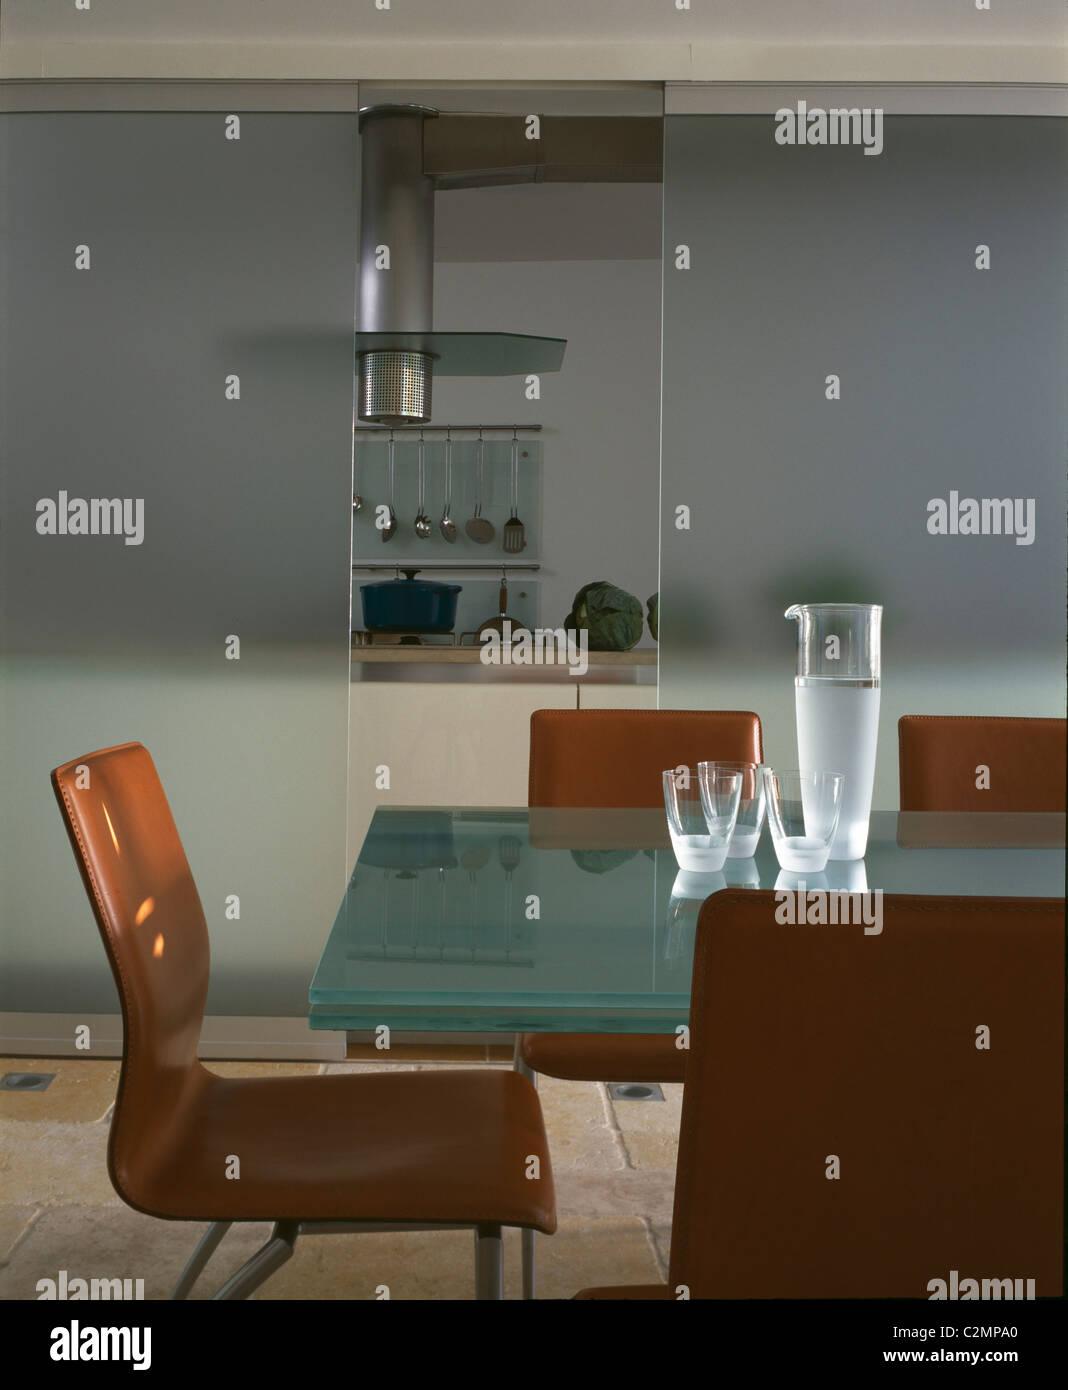 Boffi-Küche - Küche-Esszimmer mit Glastisch und Türen Stockfoto ...